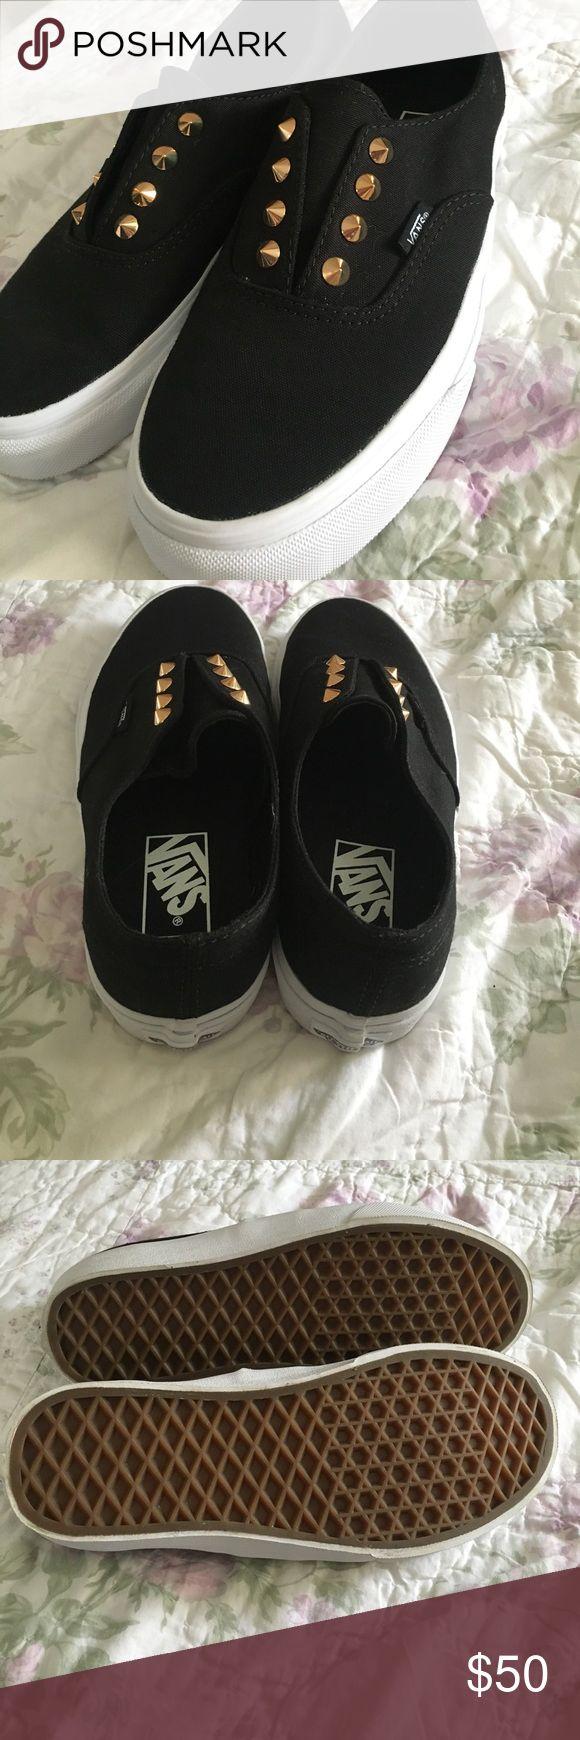 NEVER WORN Studded Vans Vans shoes. NEVER WORN 100%. Vans Shoes Sneakers